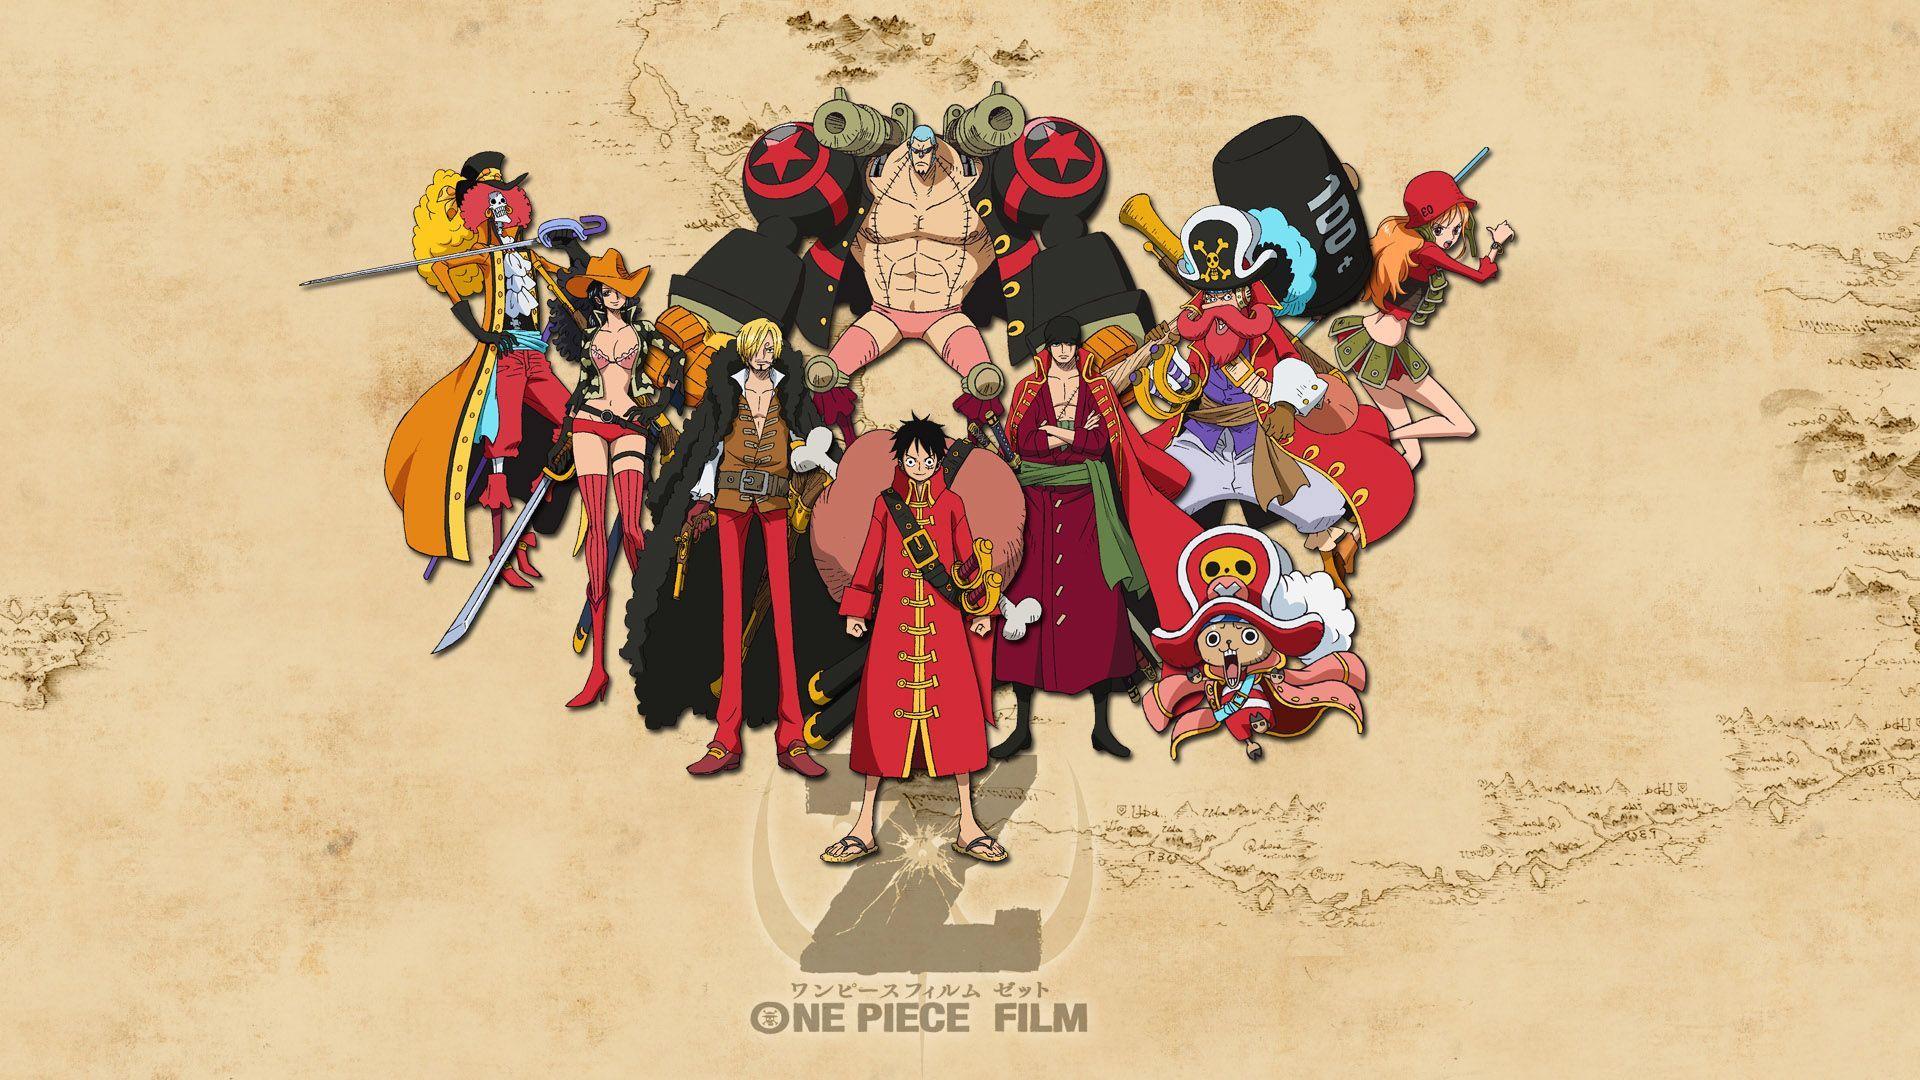 One Piece Wallpaper, Film Z